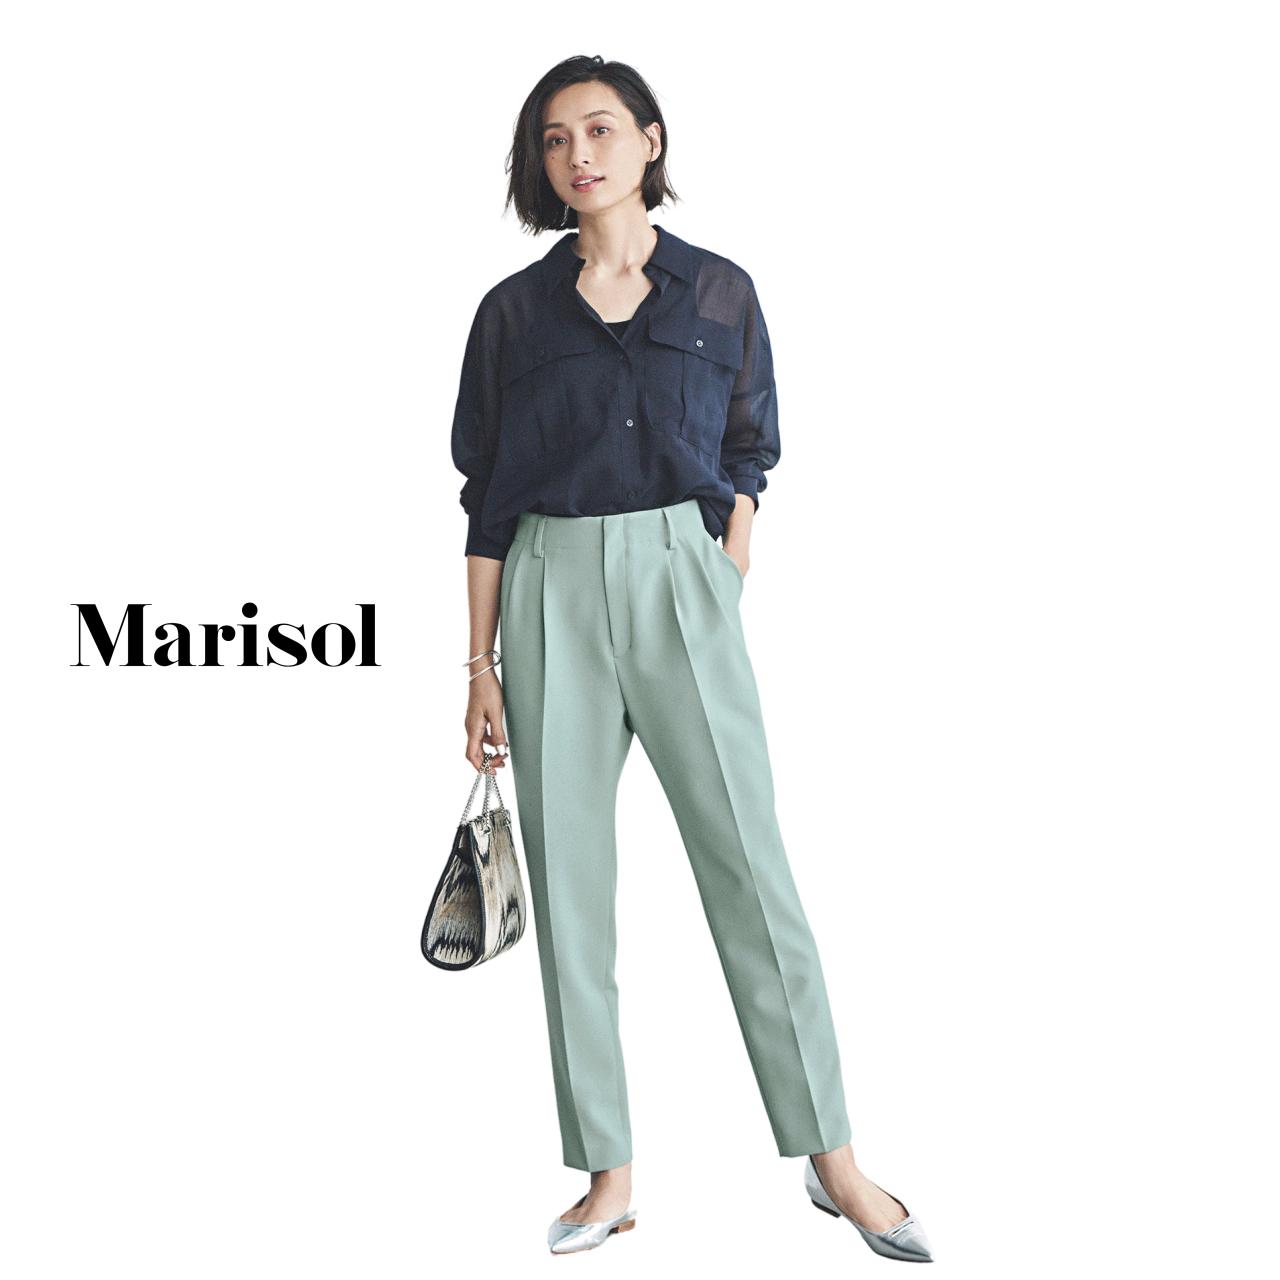 40代ファッション ネイビーブラウス×グリーンパンツコーデ